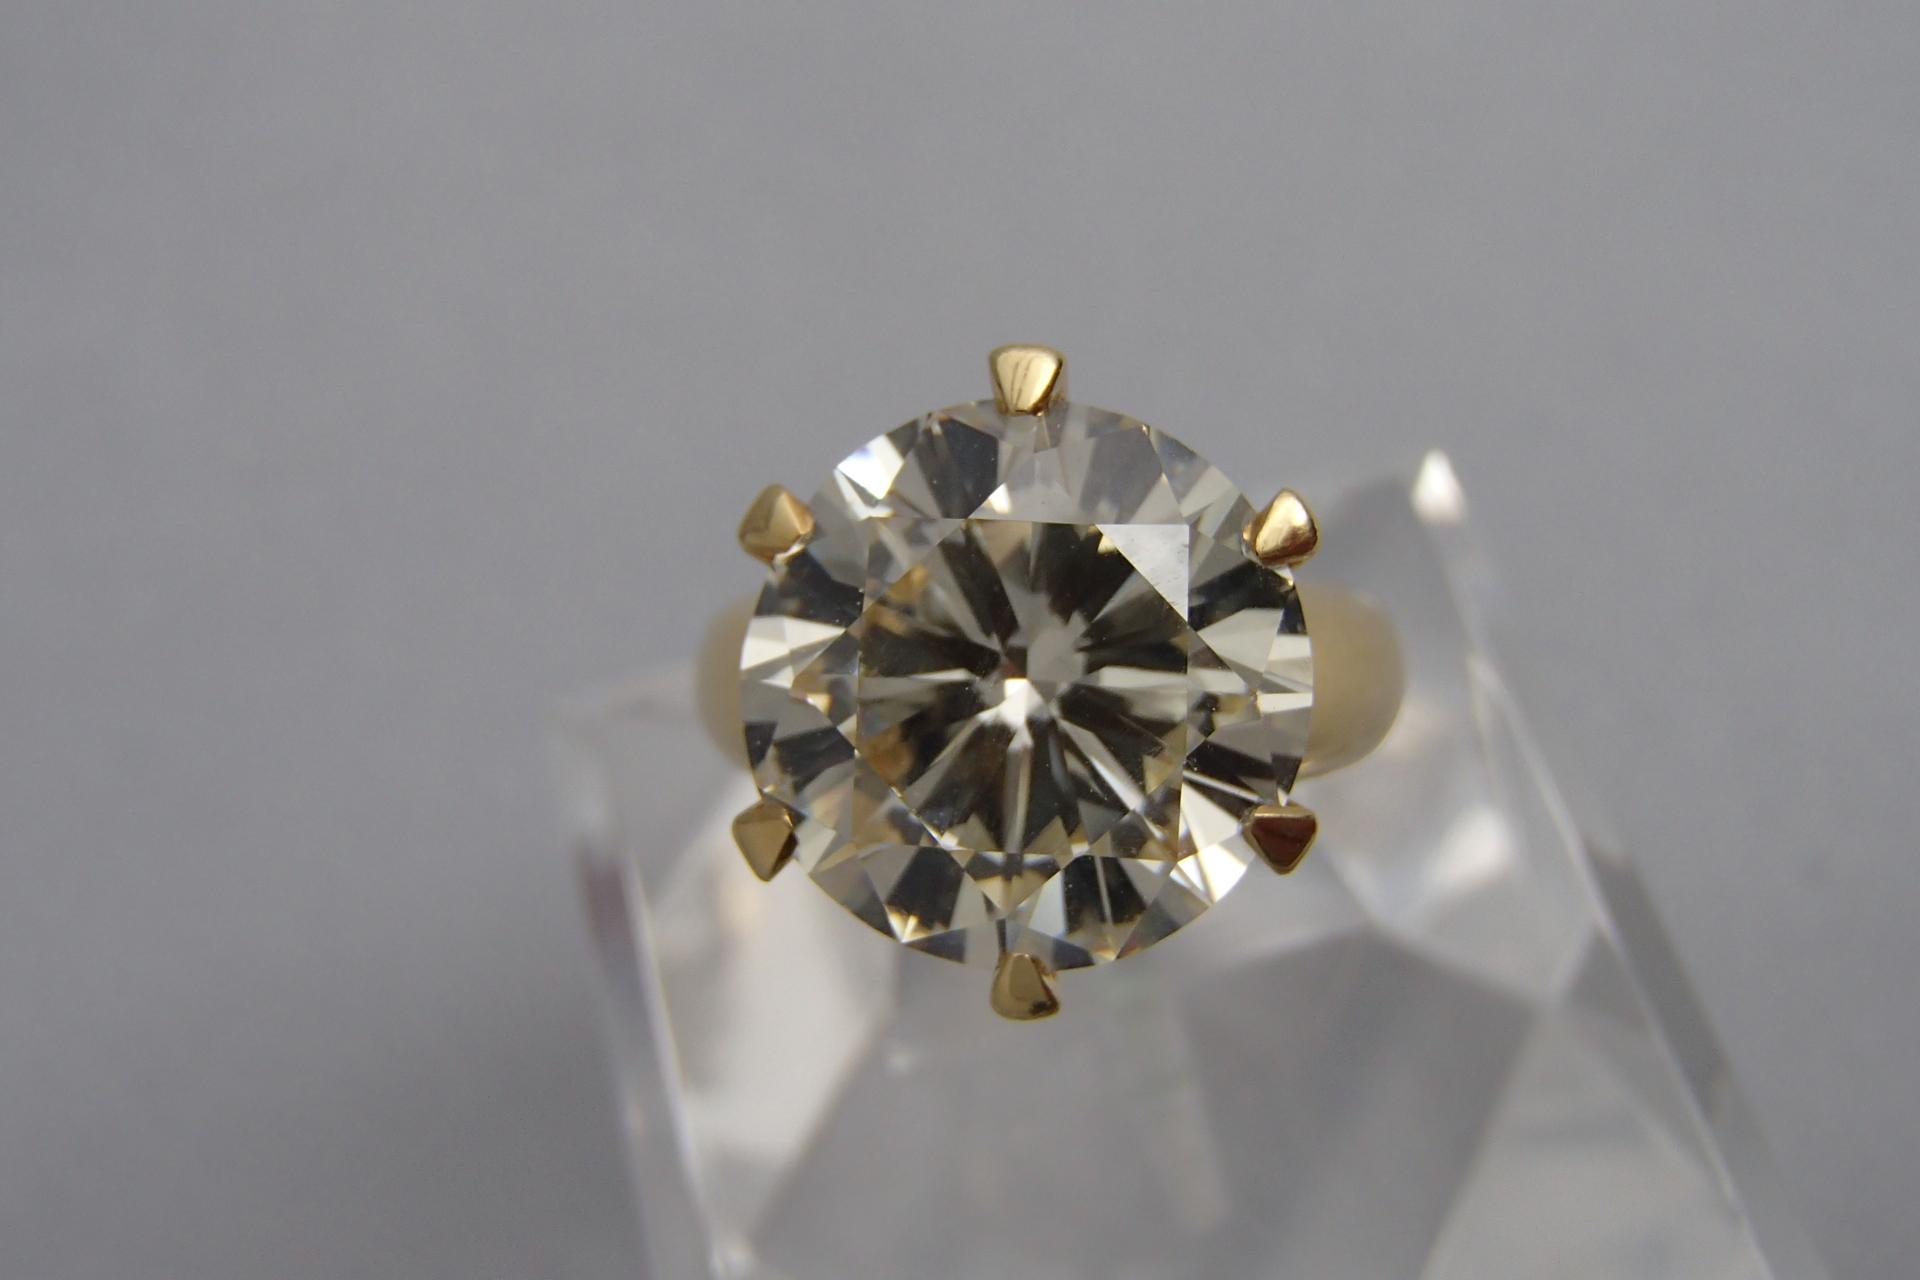 ダイヤモンドのさまざまな種類と用途をご紹介